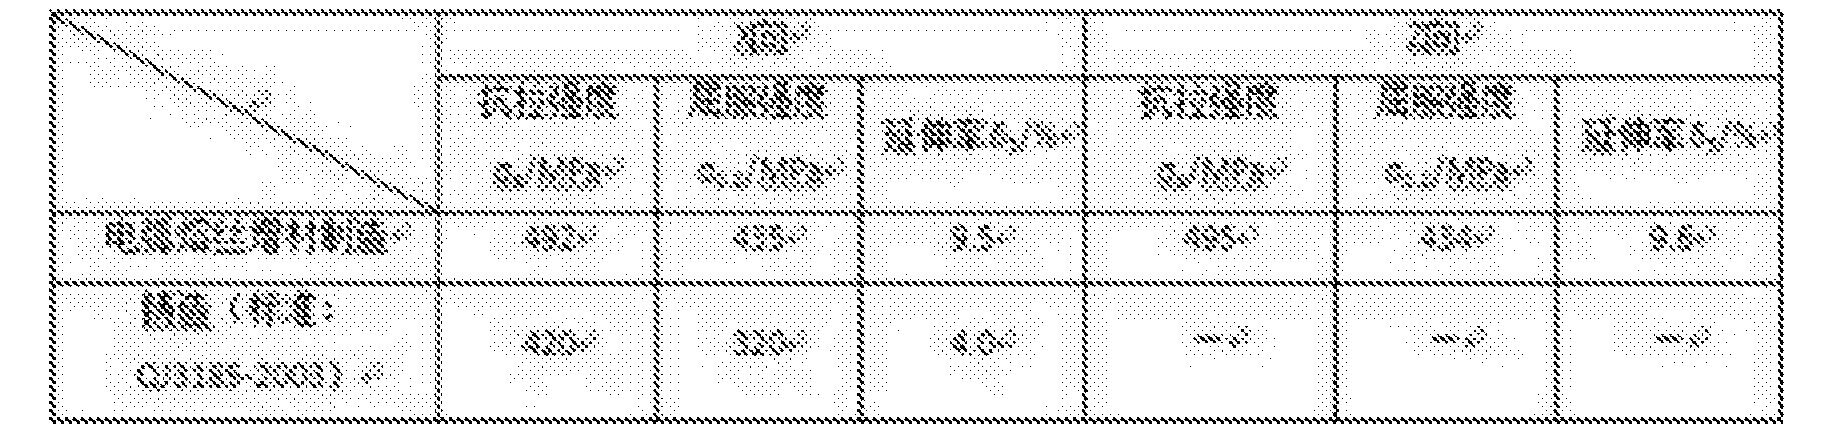 Figure CN106624617BD00081